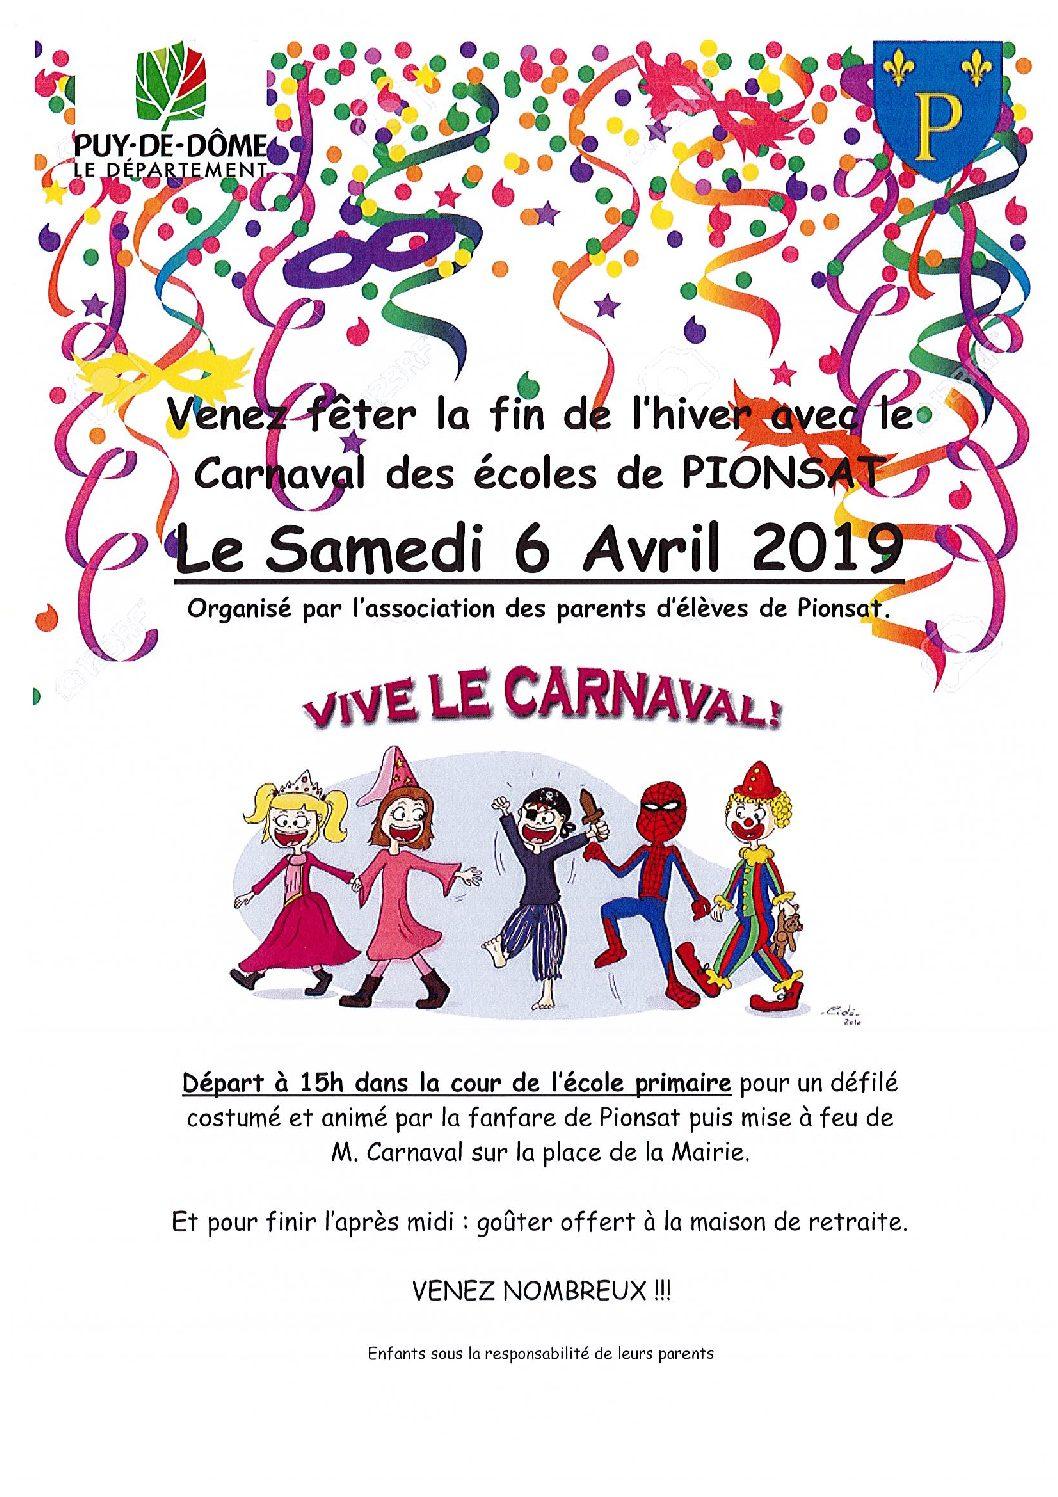 Carnaval du 6 avril